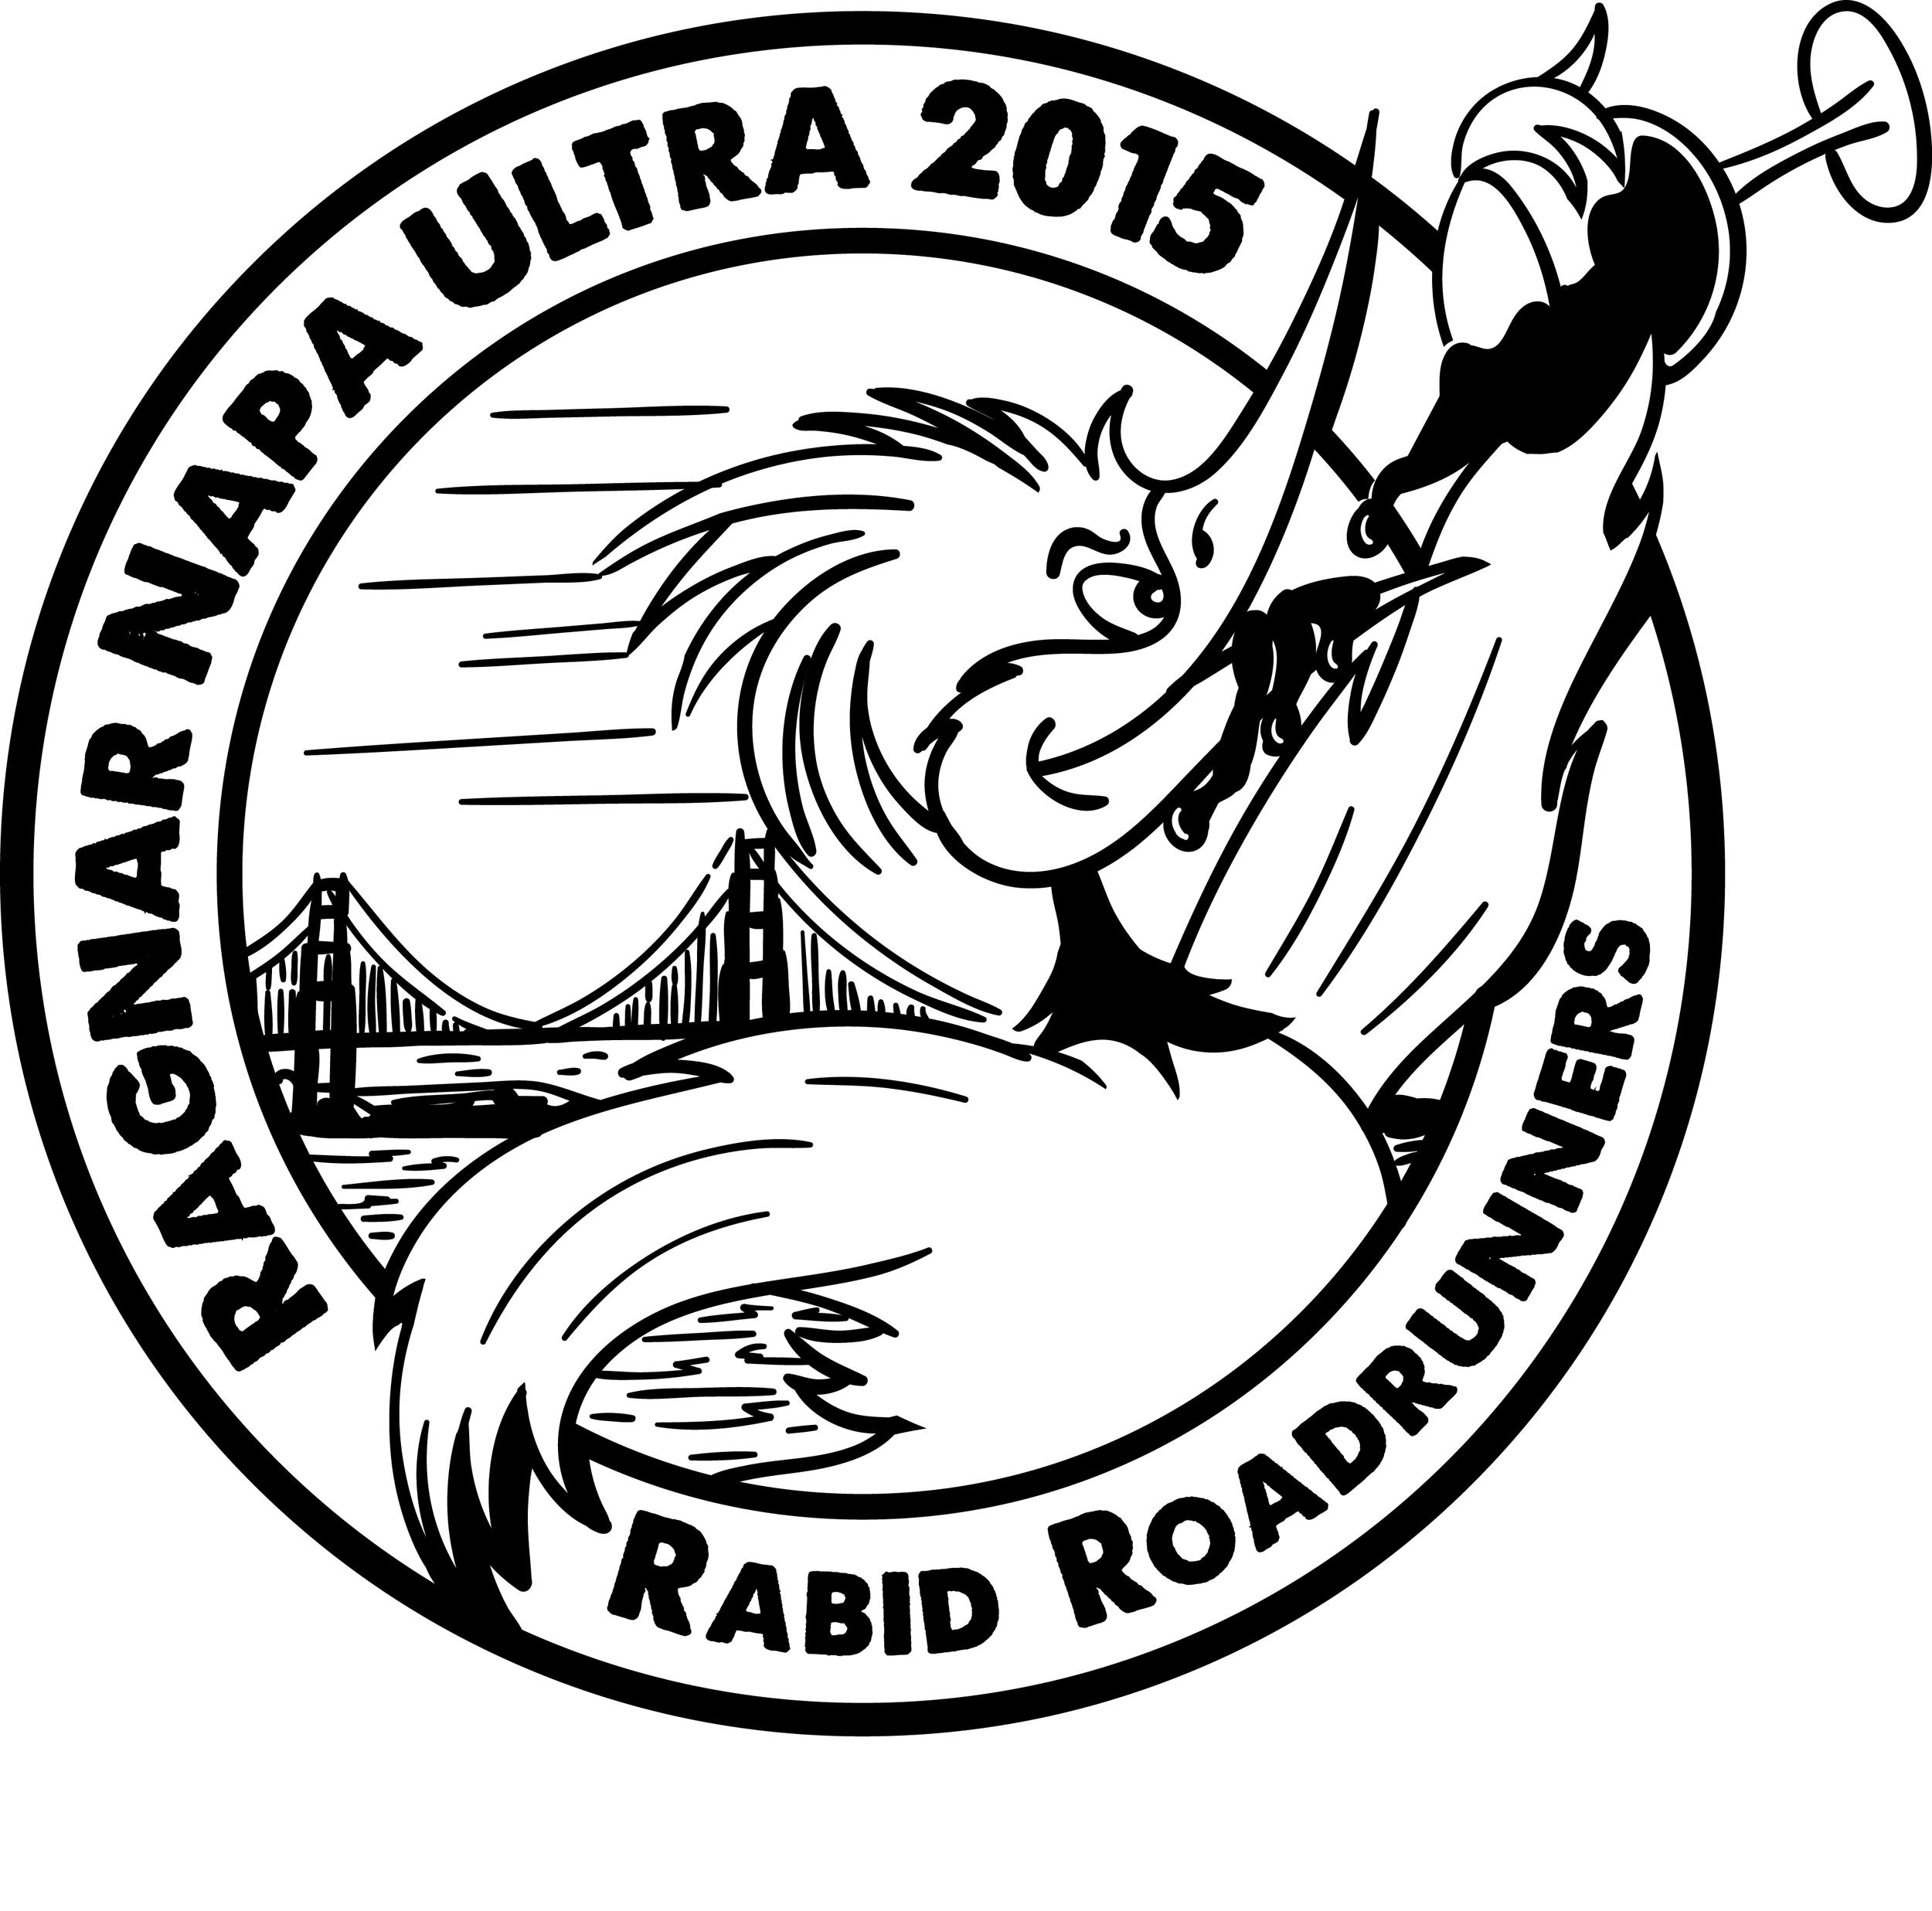 Rabid Roadrunner Design v4 circleBW.jpg